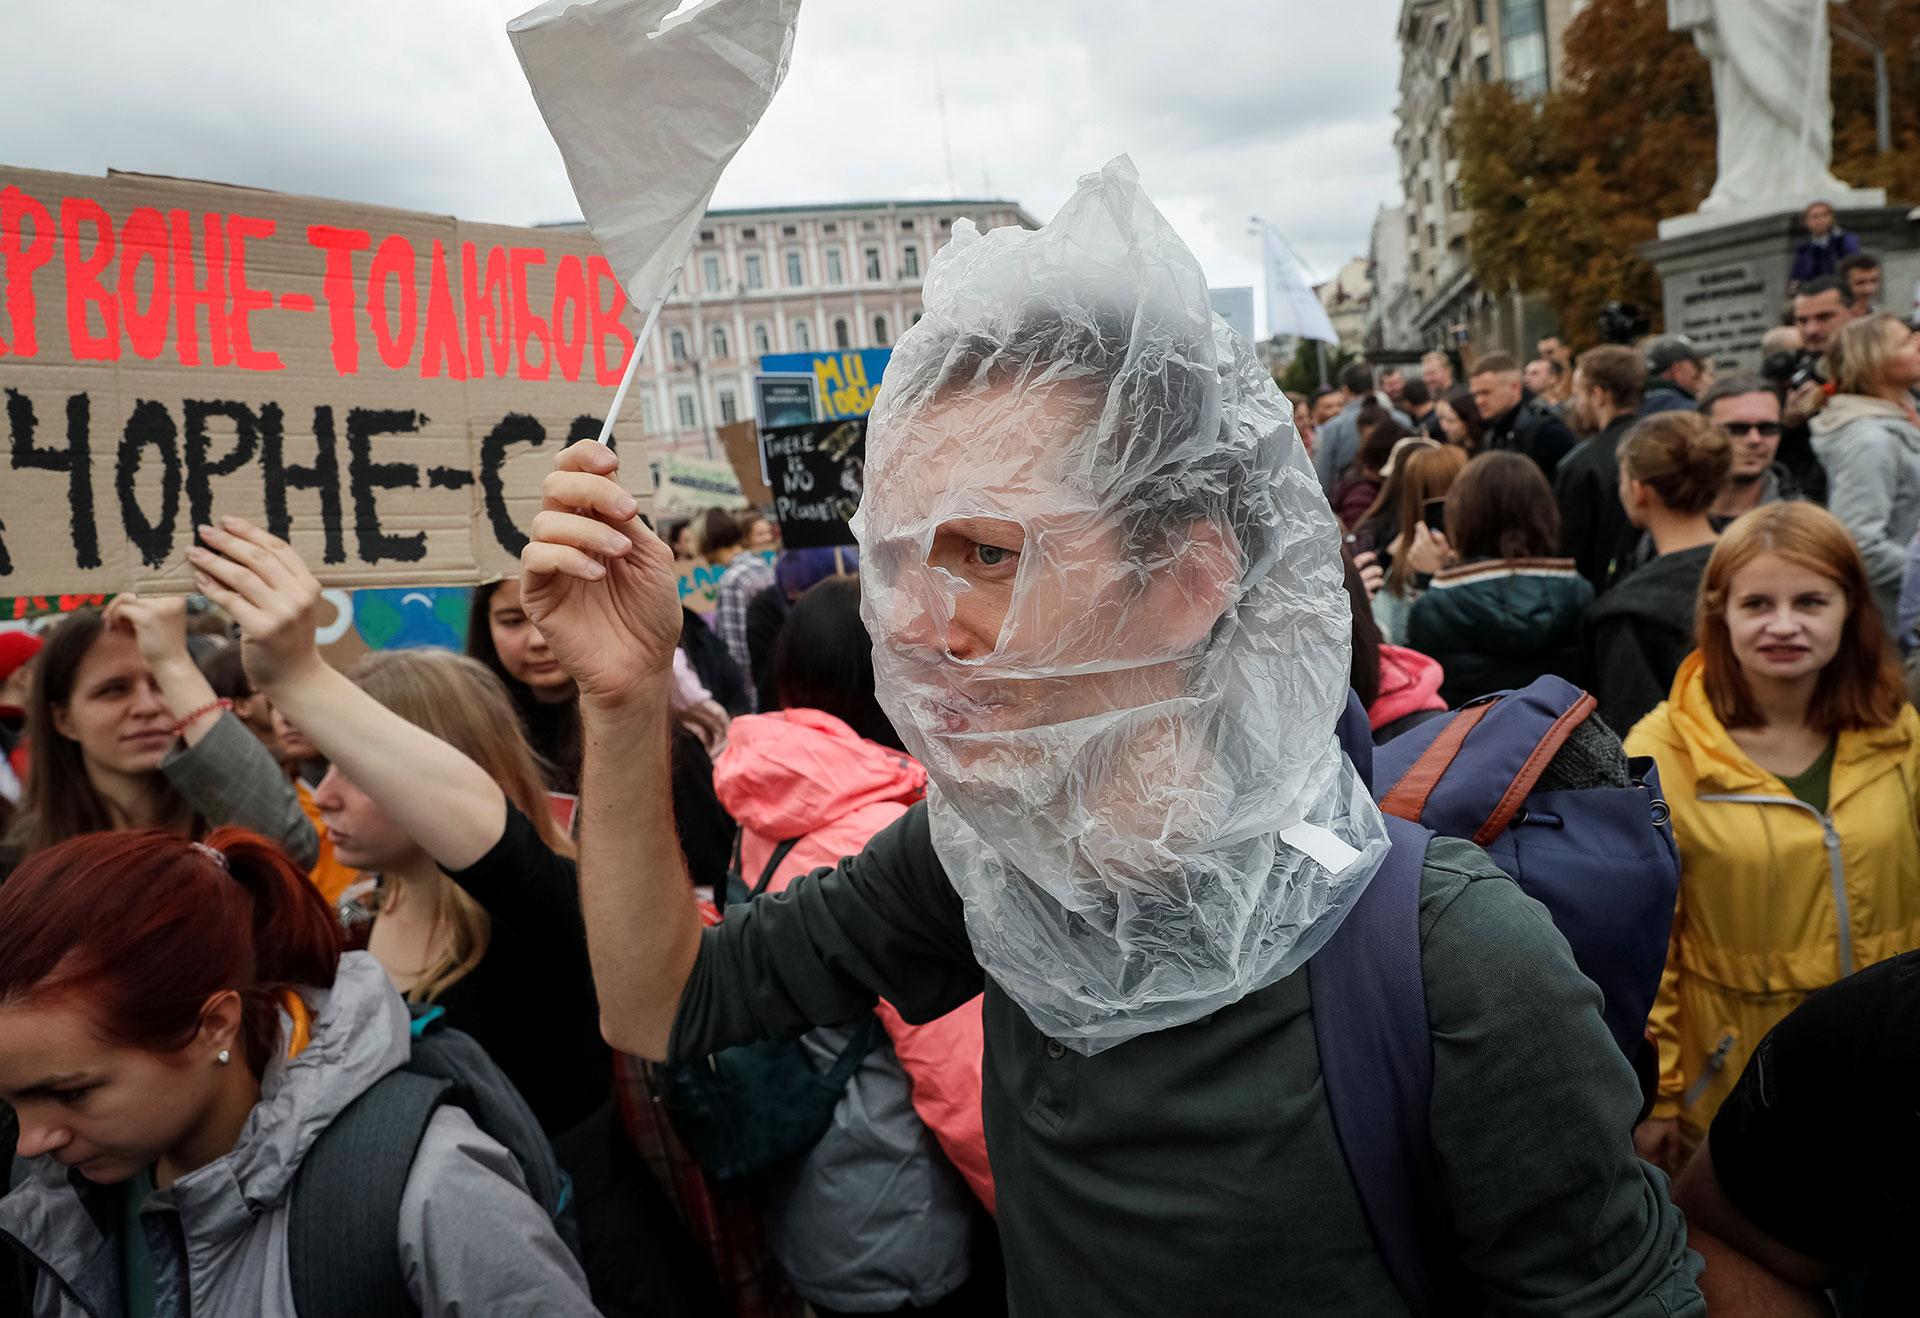 Un activista ucraniano, con una bolsa de plástico en la cabeza a modo de protesta (REUTERS/Gleb Garanich)